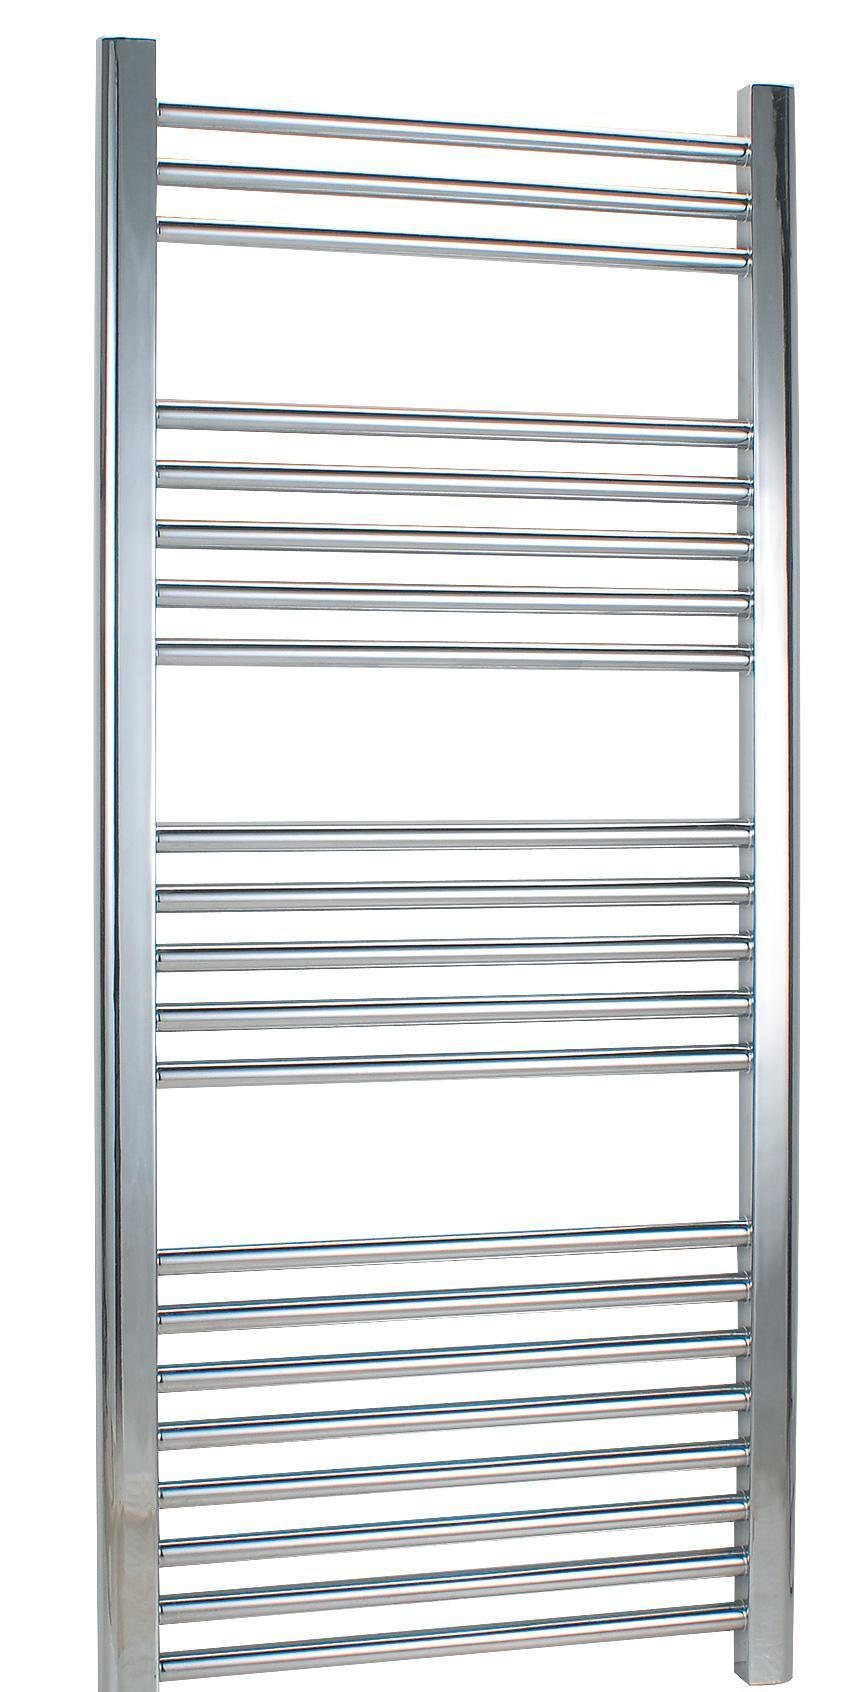 宁兴金海镀铬卫浴系列KSR001C散热器KSR001C-790500